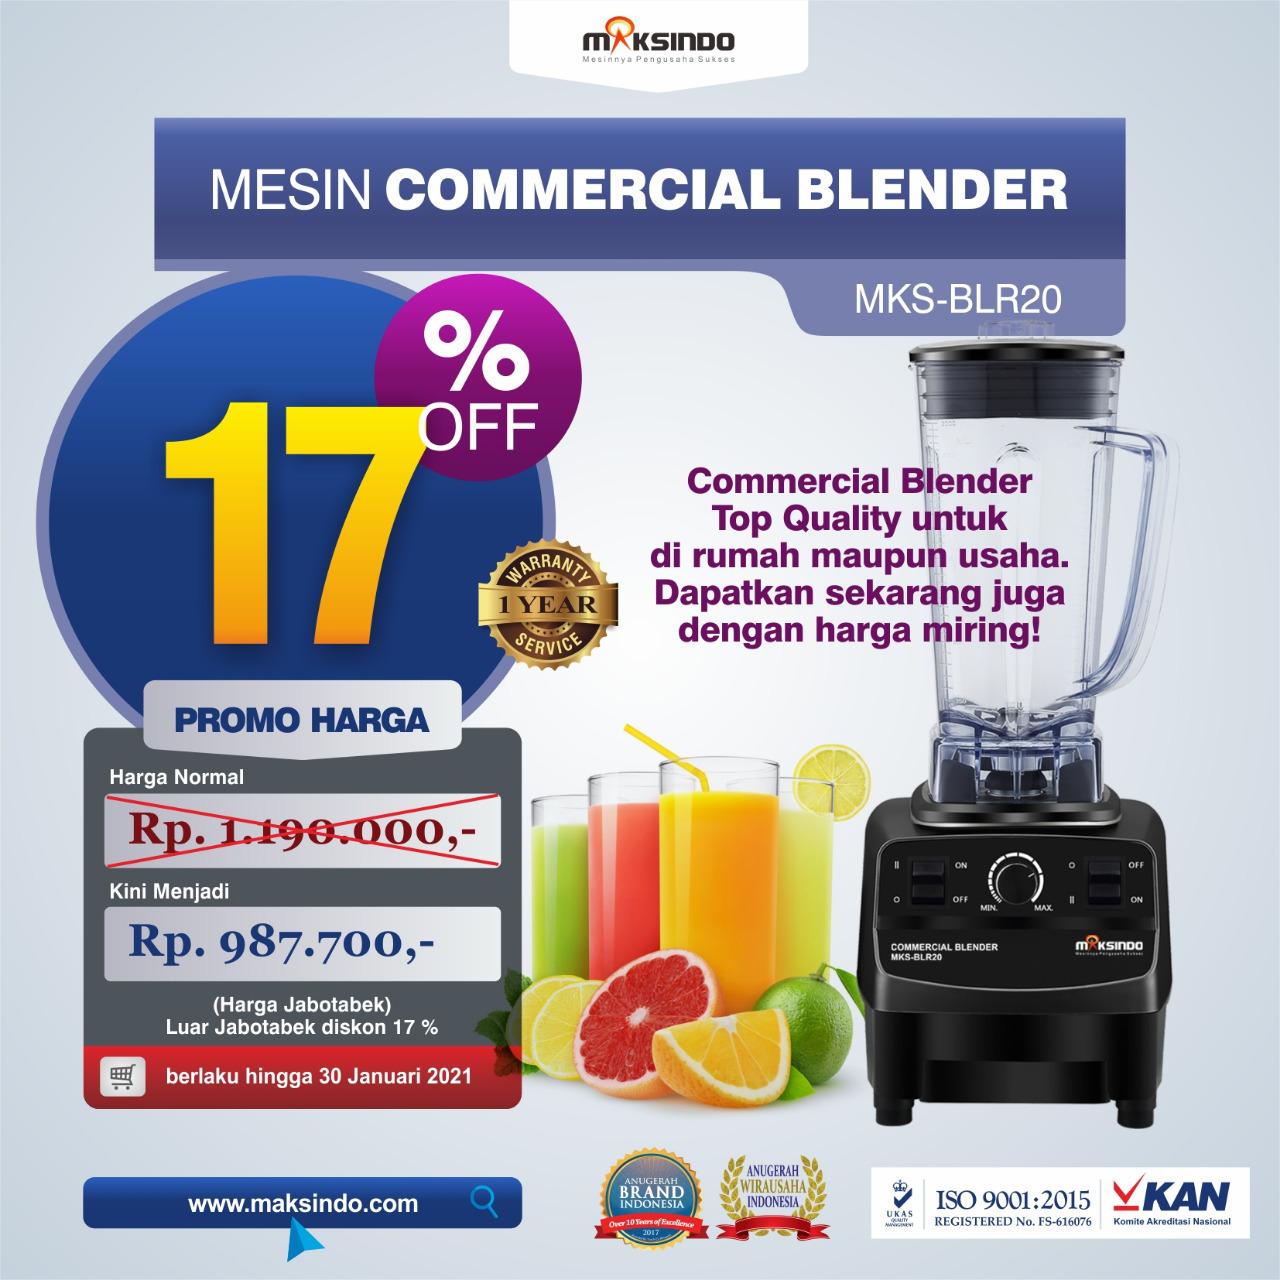 Jual Commercial BlenderMKS-BLR20 di Tangerang